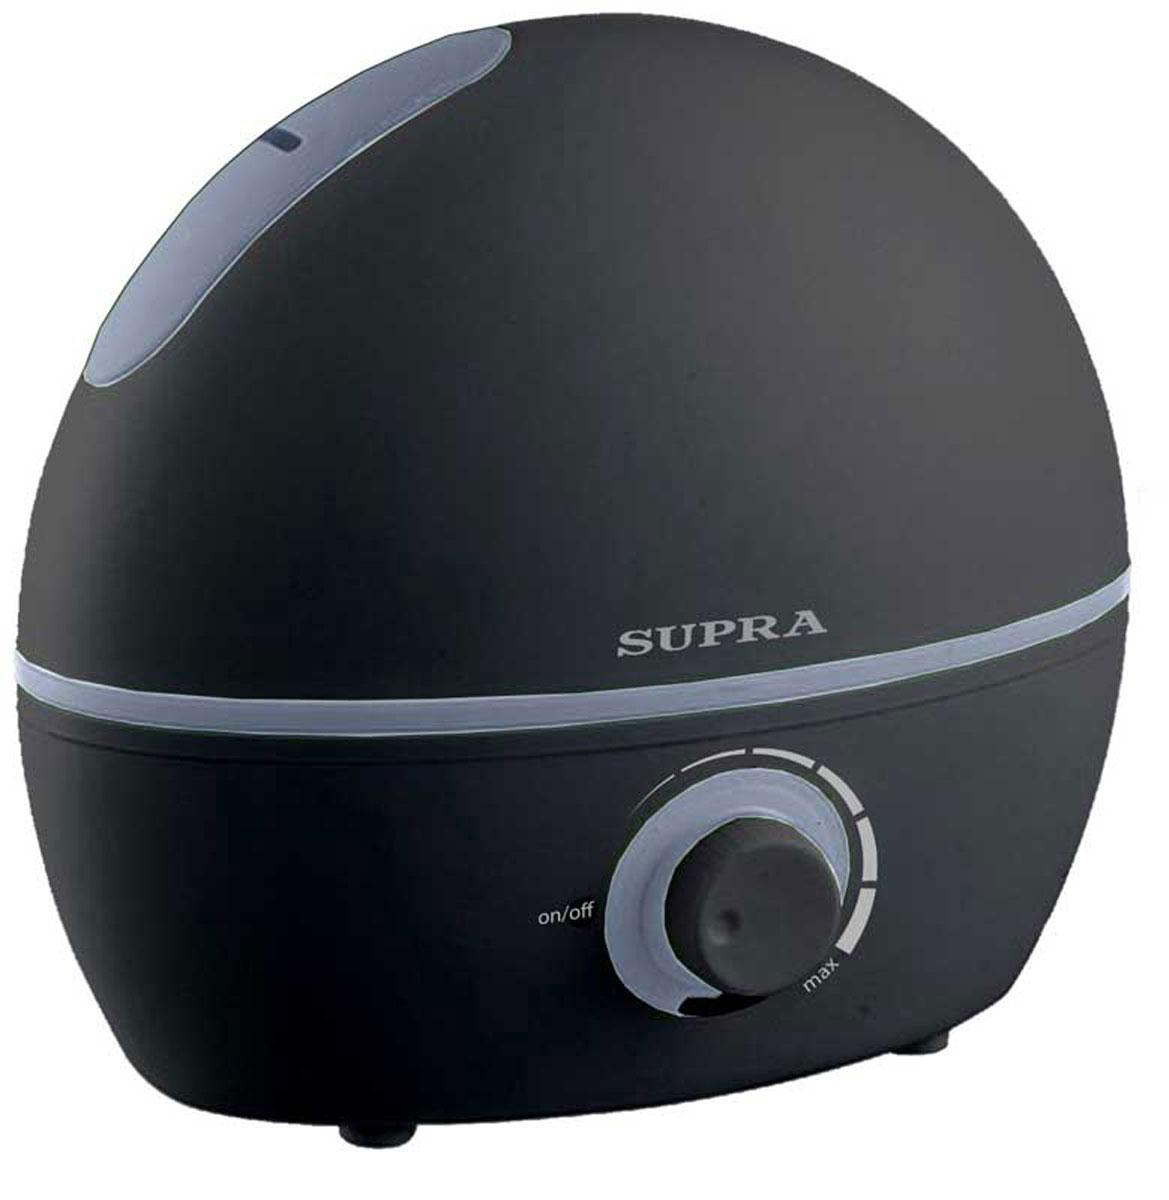 Supra HDS-102, Black увлажнитель воздухаHDS-102 blackУвлажнитель воздуха Supra HDS-102 - незаменимый домашний прибор, который не только создает здоровый микроклимат в доме, офисе и любом другом помещении, но и сохраняет комнатные растения, деревянную мебель в идеальном состоянии. Данная модель очень компактна, ее можно переносить с комнаты в комнату без особого труда. Прибор оснащен индикатором отсутствия воды.